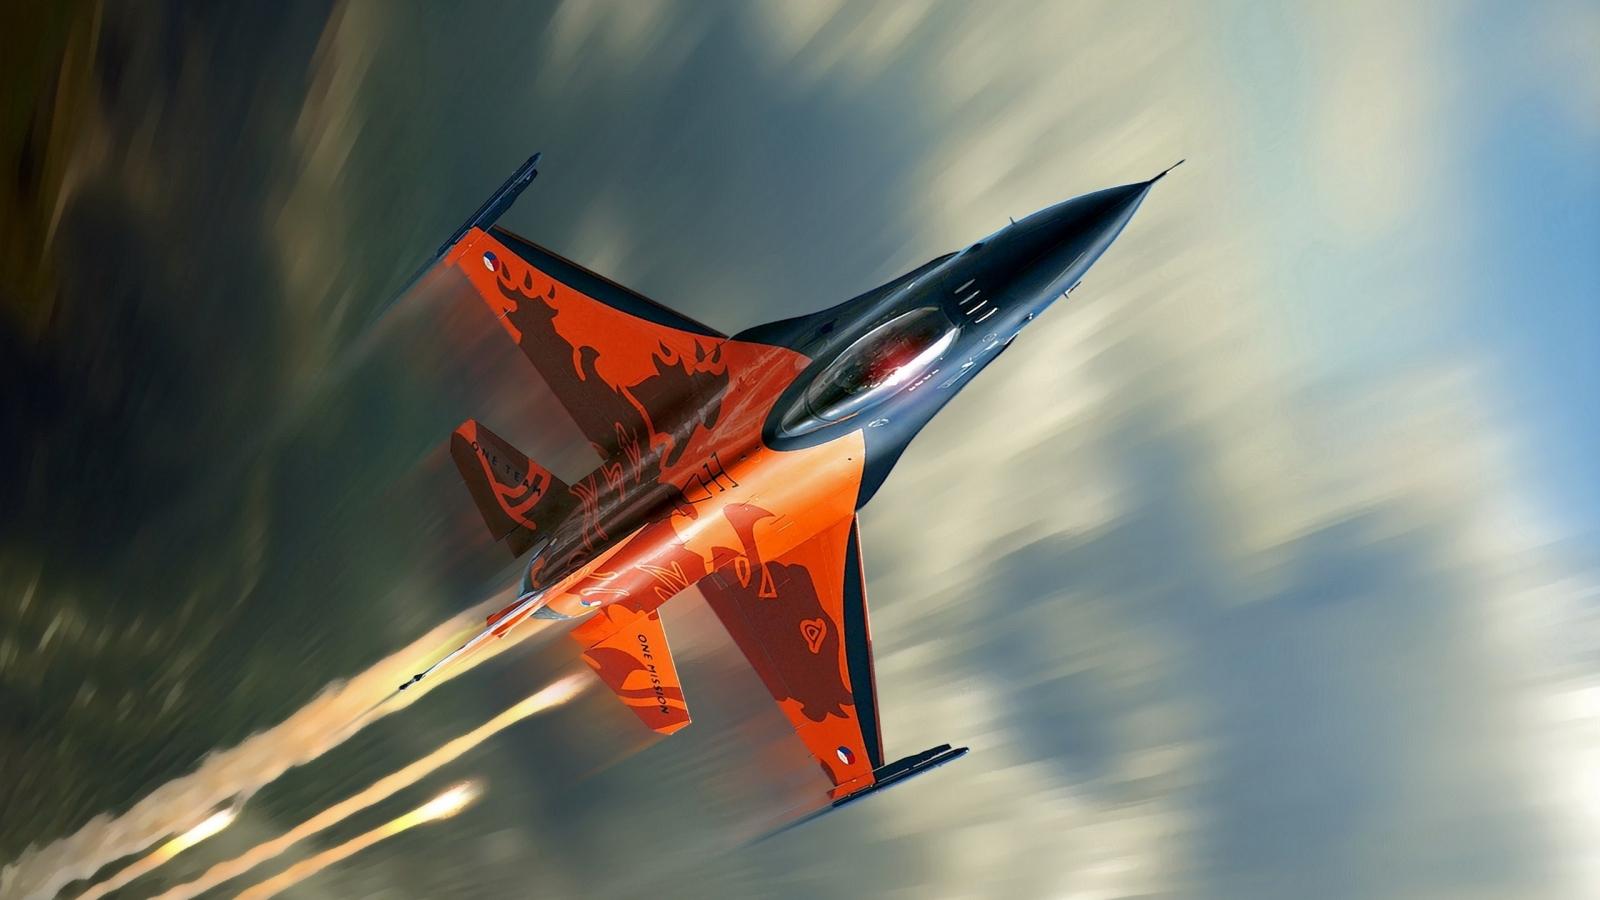 Avión F16 Falcon - 1600x900